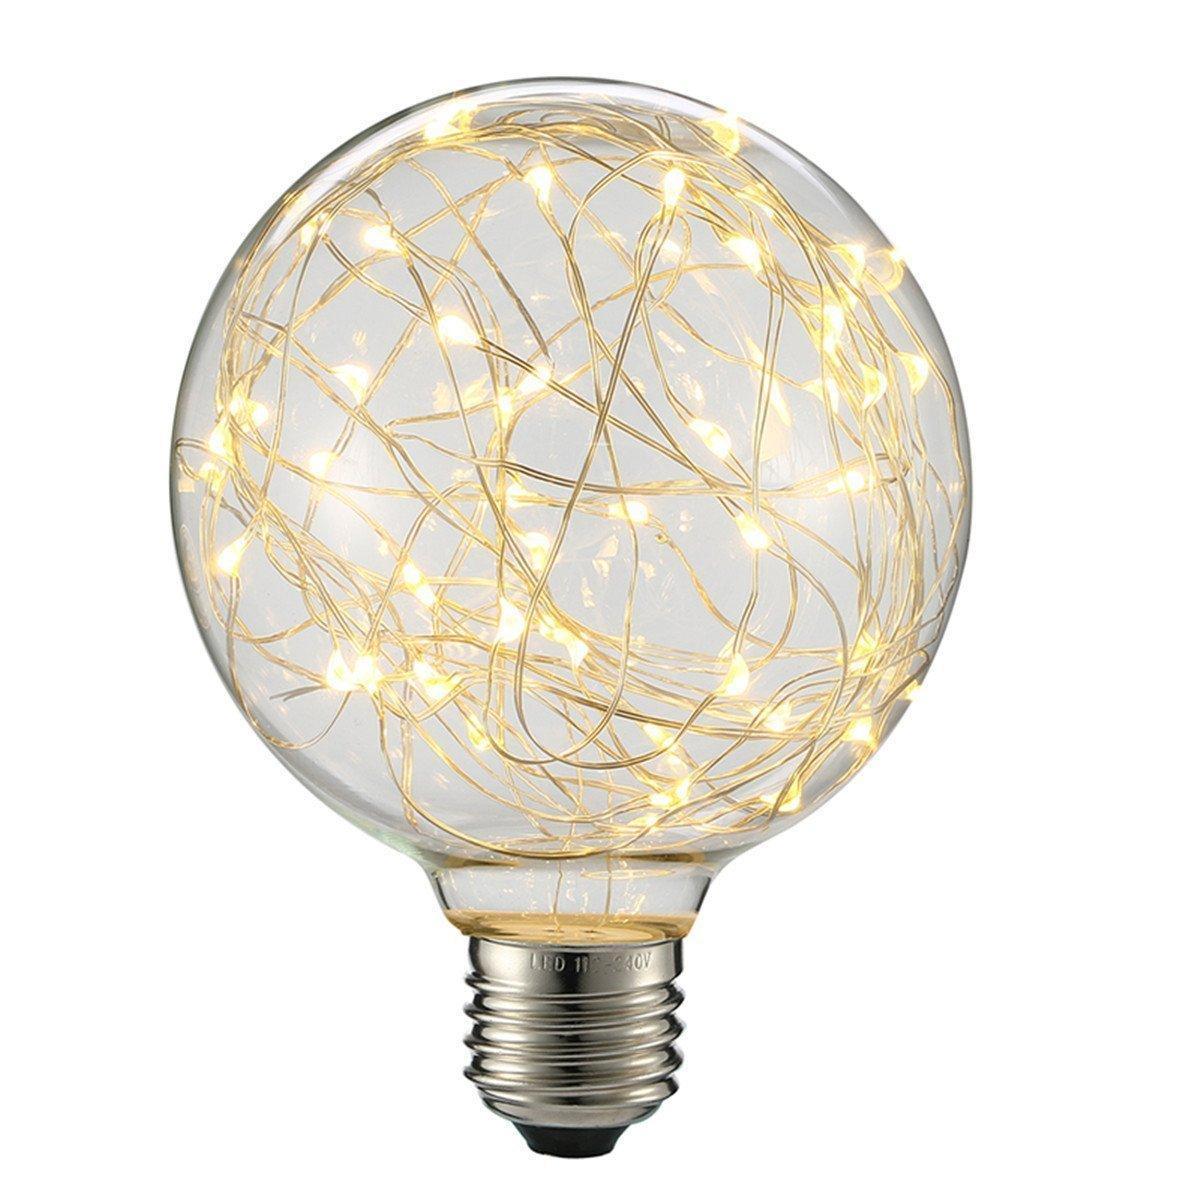 Led Night Light Filament Lamp Retro Edison Fairy Led Light String Bulb G95  E27 110v 220v For Indoor Christmas Holiday Flood Light Bulbs Bulb Types  From ...